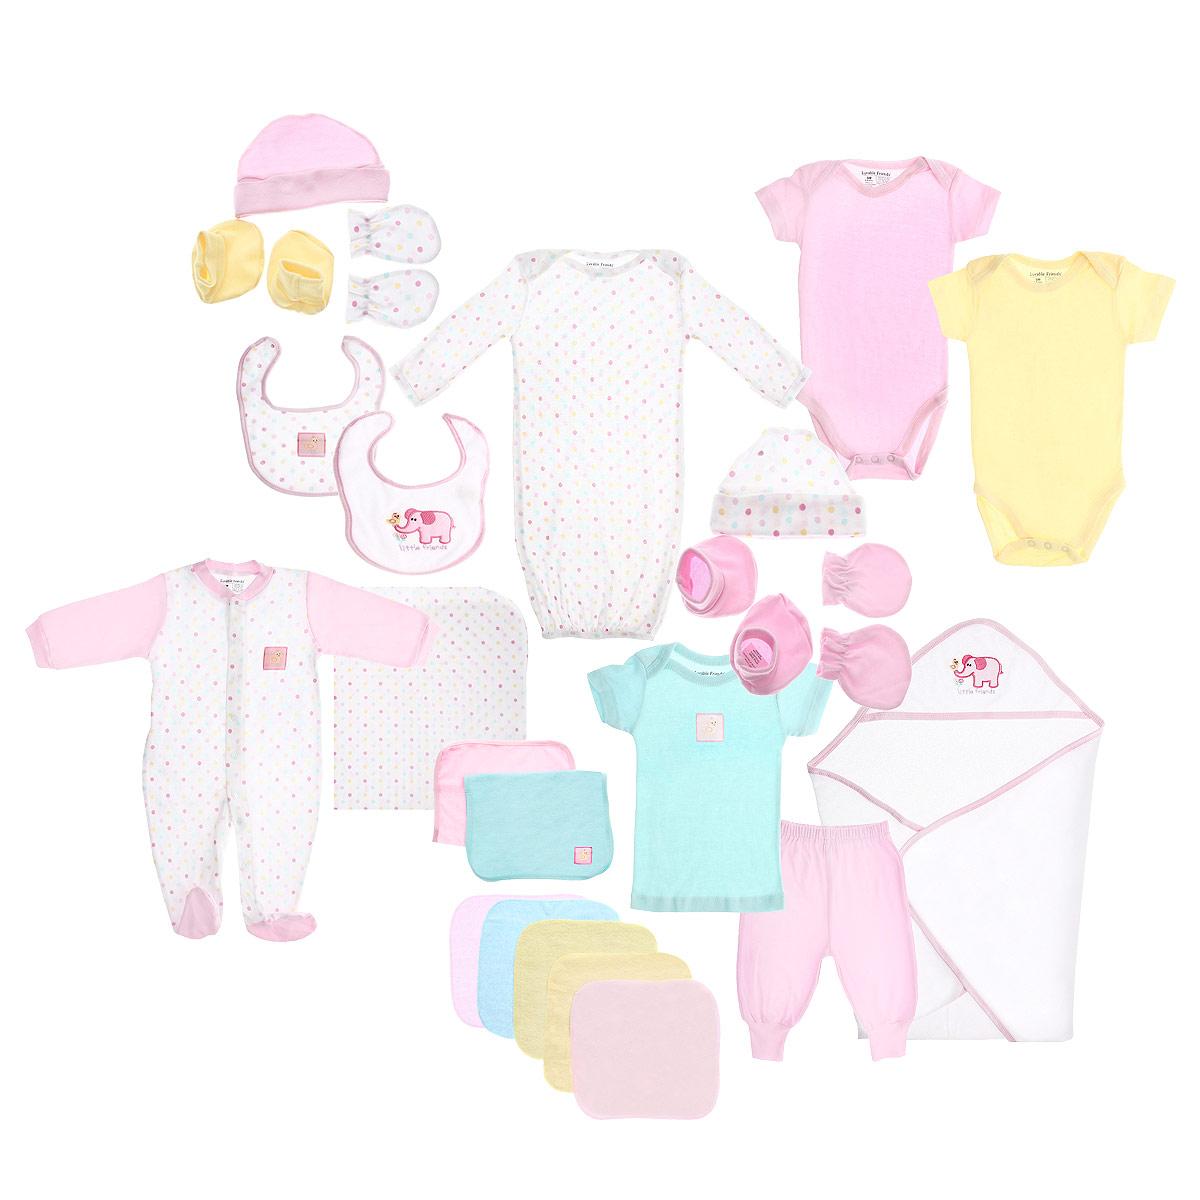 Комплект одежды7087Комплект для новорожденного Luvable Friends Делюкс - это замечательный подарок, который прекрасно подойдет для первых дней жизни малыша. Комплект состоит из двух боди, футболки, штанишек, комбинезона, сорочки, двух пар пинеток, двух пар рукавичек, двух шапочек, двух слюнявчиков, пеленки, полотенца с уголком, двух средних полотенец и пяти маленьких полотенчиков. Изготовленный из натурального хлопка, он необычайно мягкий и приятный на ощупь, не сковывает движения малыша и позволяет коже дышать, не раздражает даже самую нежную и чувствительную кожу ребенка, обеспечивая ему наибольший комфорт. Удобные боди с круглым вырезом горловины и короткими рукавами имеют специальные запахи на плечах и кнопки на ластовице, что значительно облегчает процесс переодевания ребенка и смену подгузника. Футболка с короткими рукавами также имеет запахи на плечах, а на груди оформлена оригинальной нашивкой с изображением обезьянки. Детские штанишки очень удобные, с мягкой резинкой на...